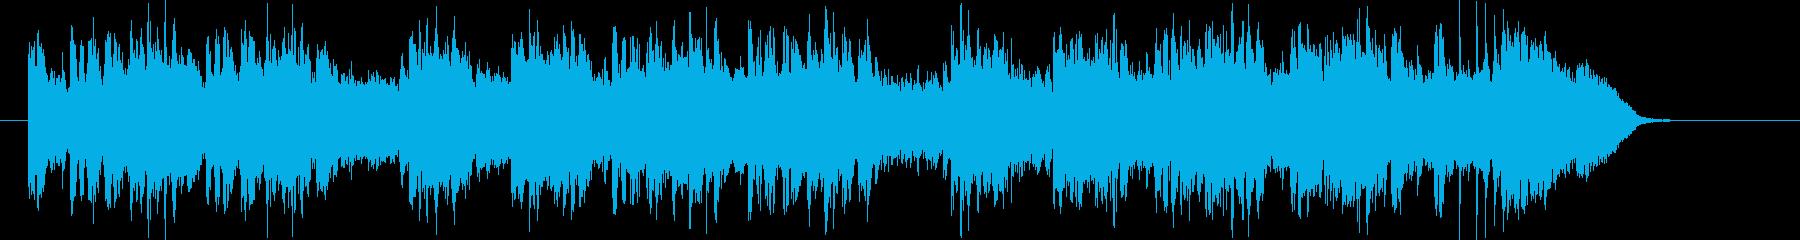 バンド演奏による優しい音色のジングル曲の再生済みの波形